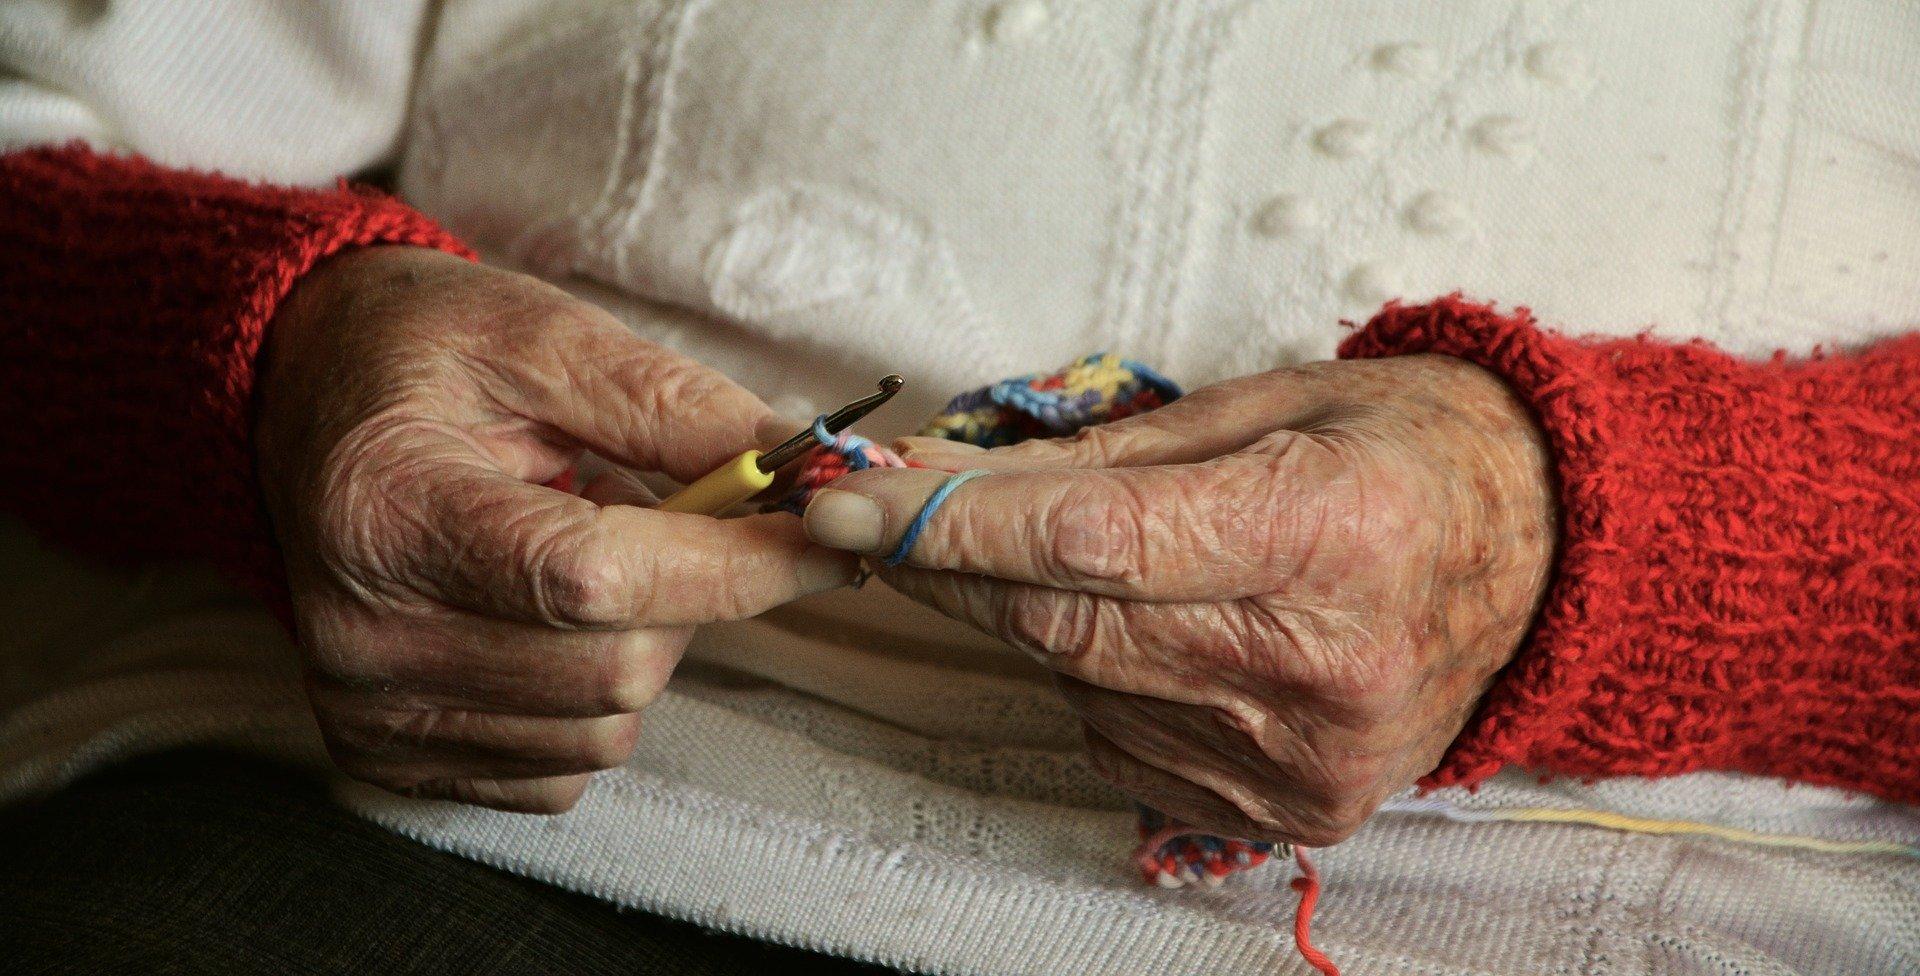 retraite aide domicile covid_19